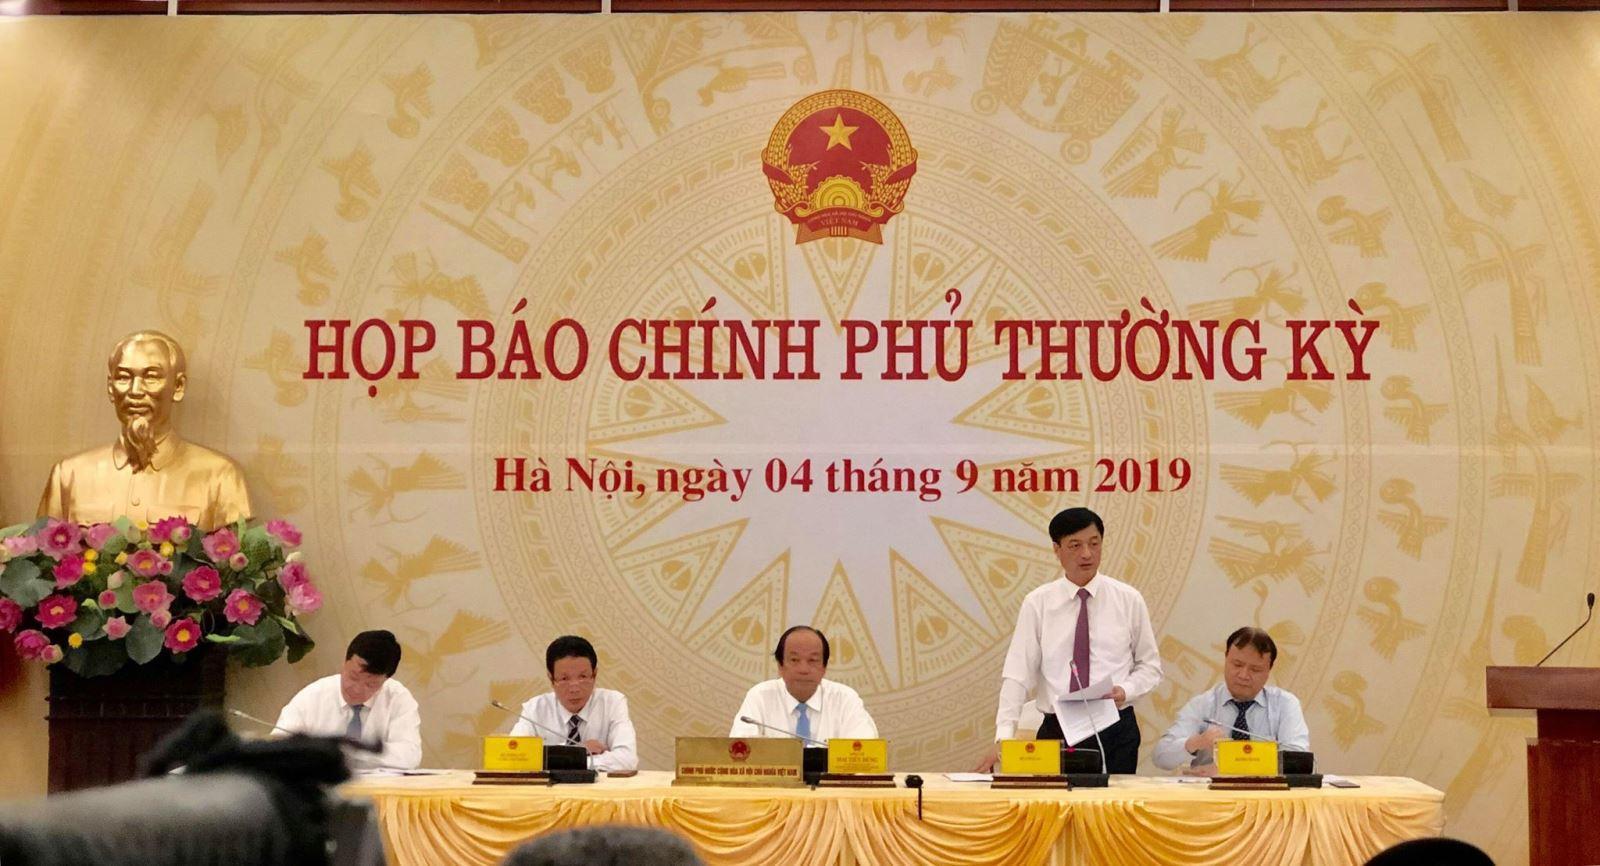 Thứ trưởng Bộ Công an Nguyễn Duy Ngọc trả lời các câu hỏi của báo chí.